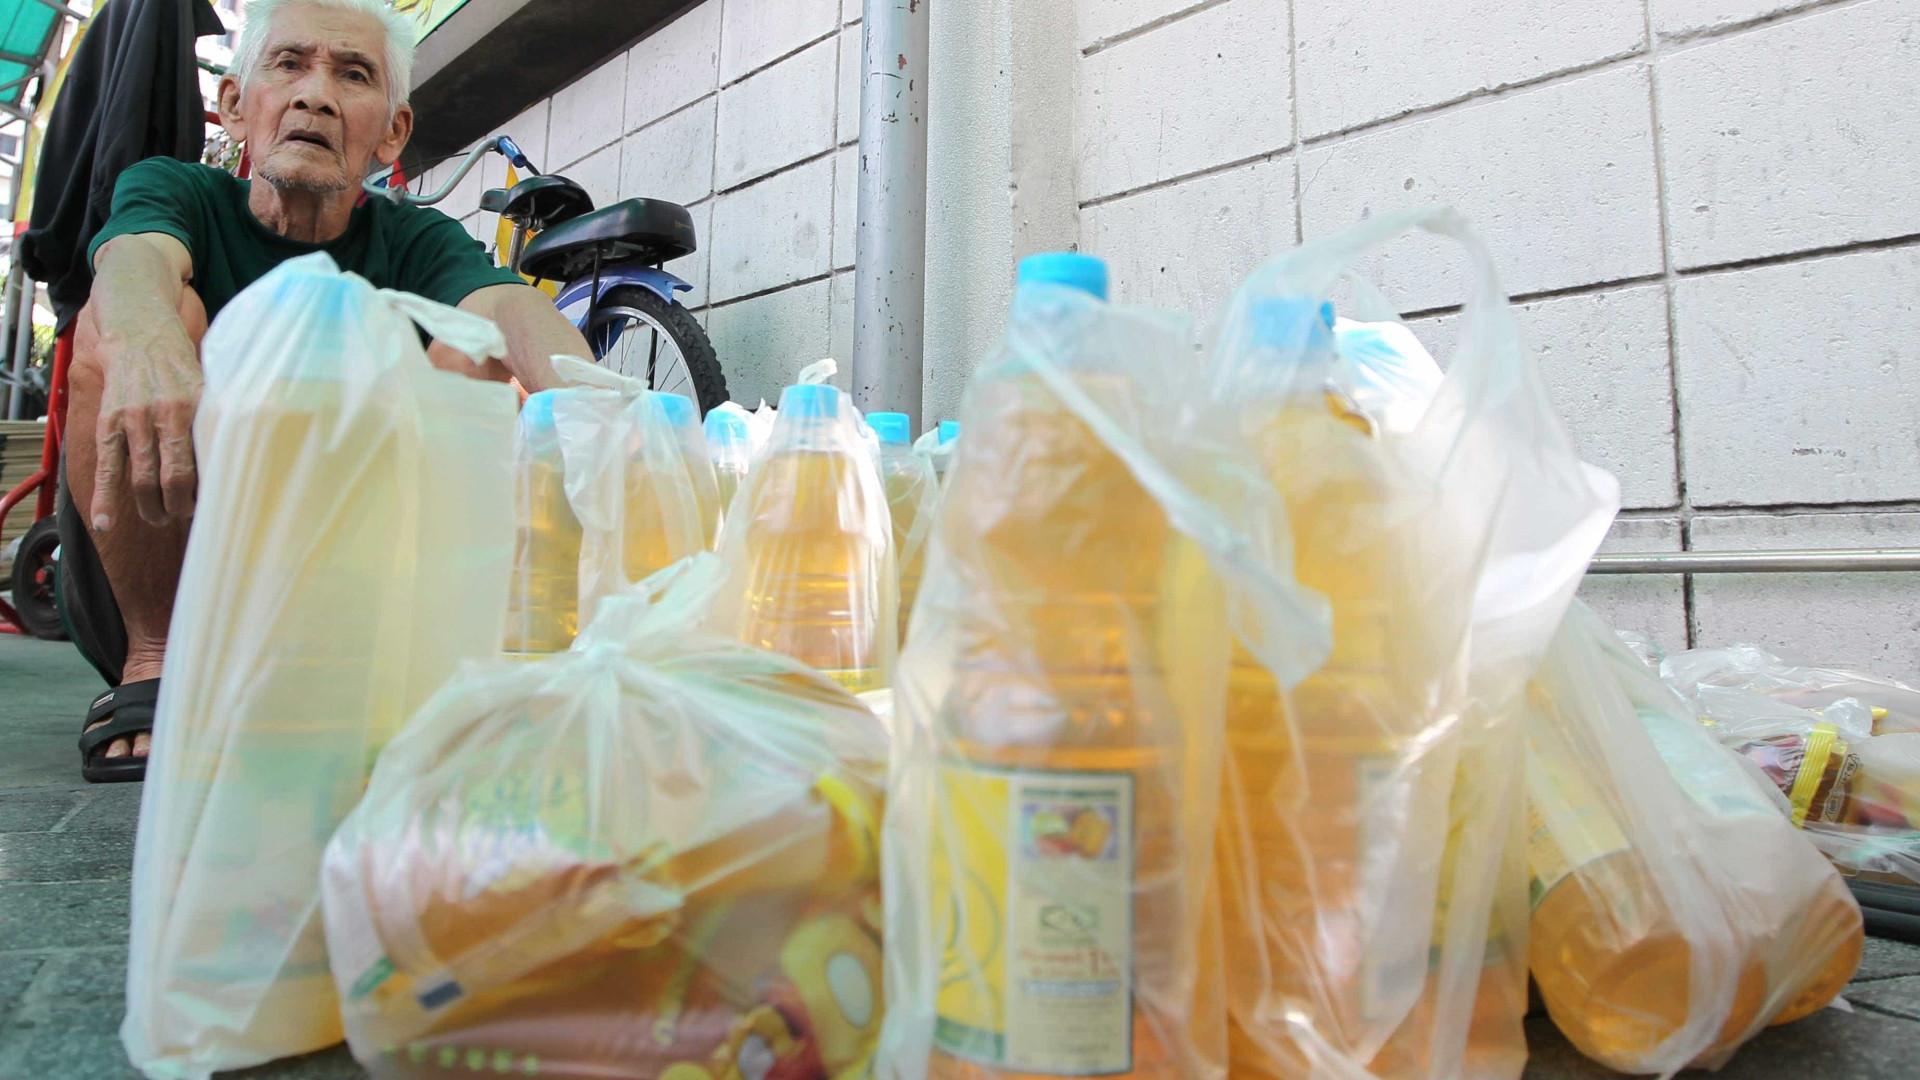 Mais de metade dos óleos alimentares usados vão para o esgoto